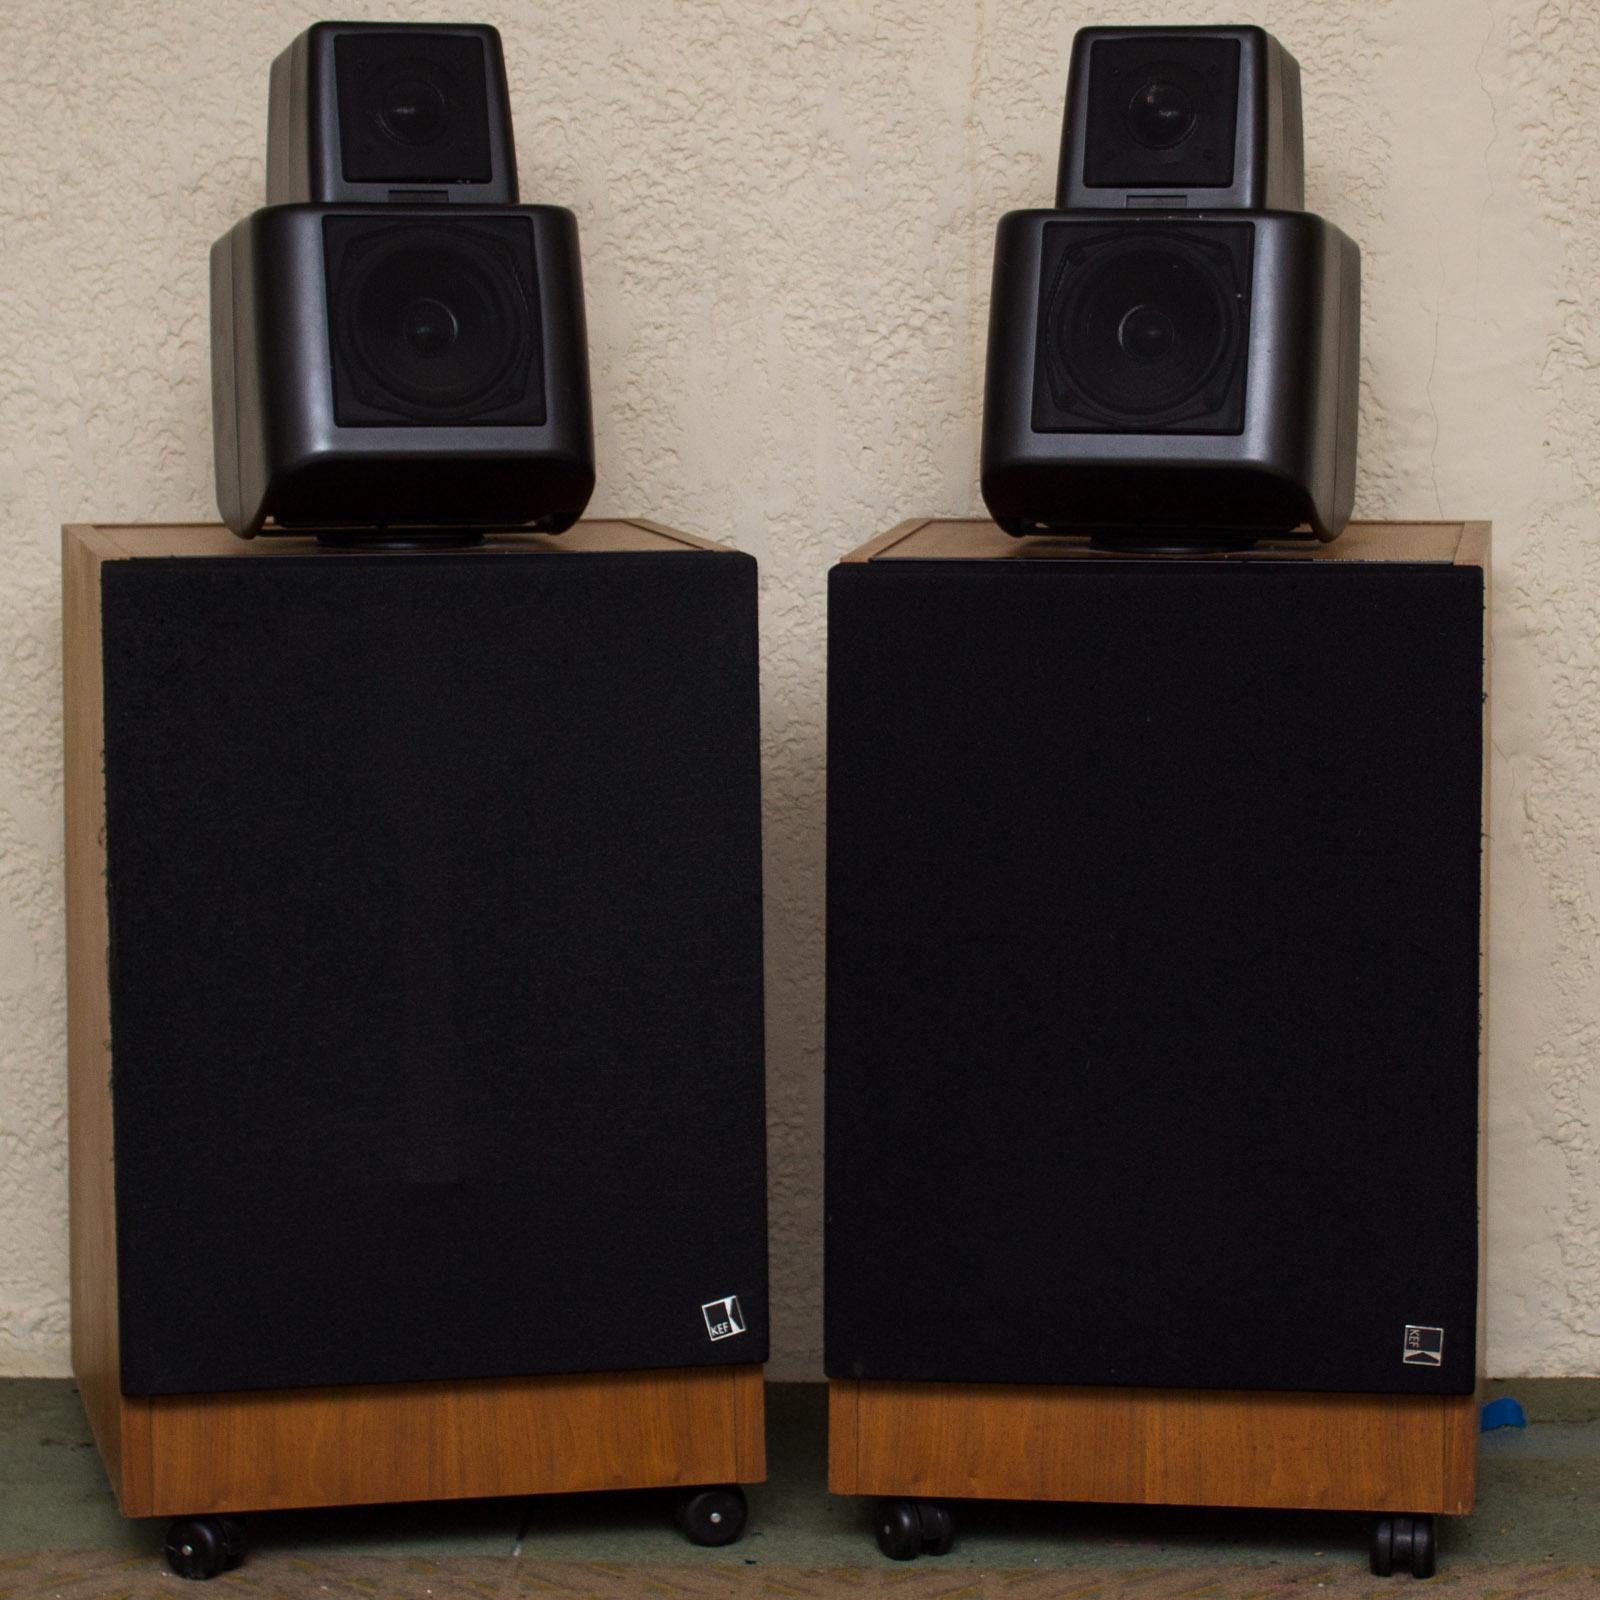 kef 105 2. pair of kef 105 series ii speakers kef 2 g